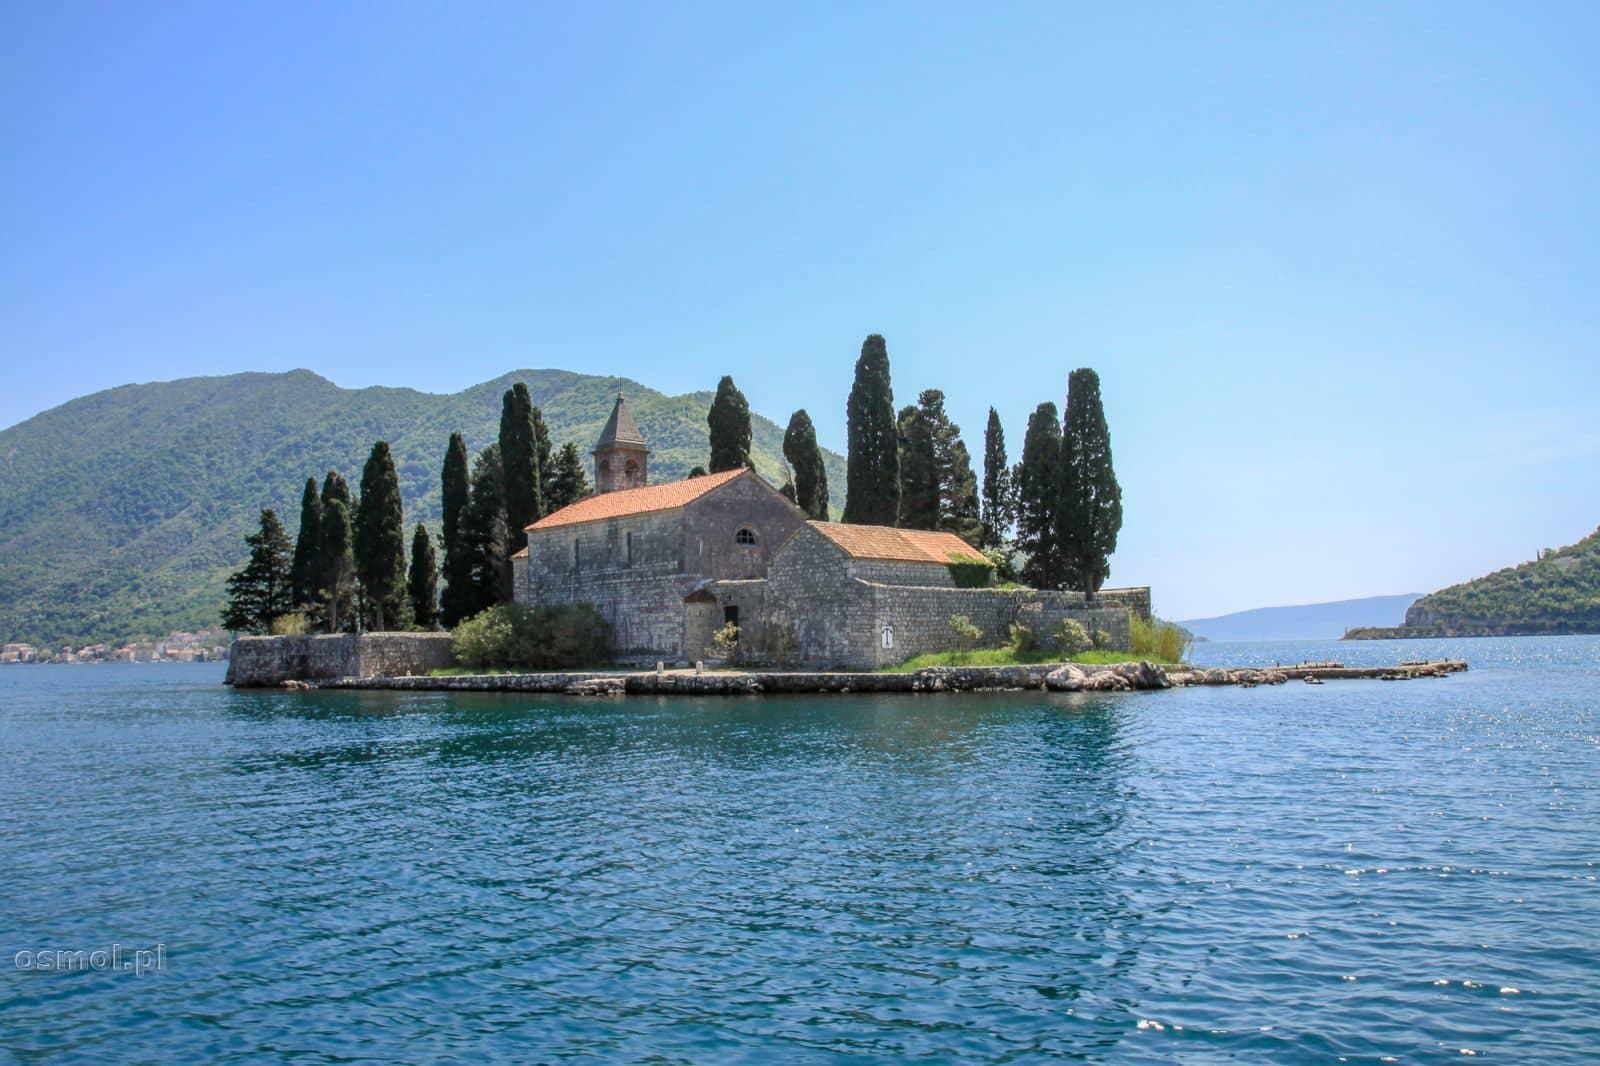 Wyspa św. Jerzego w Peraście